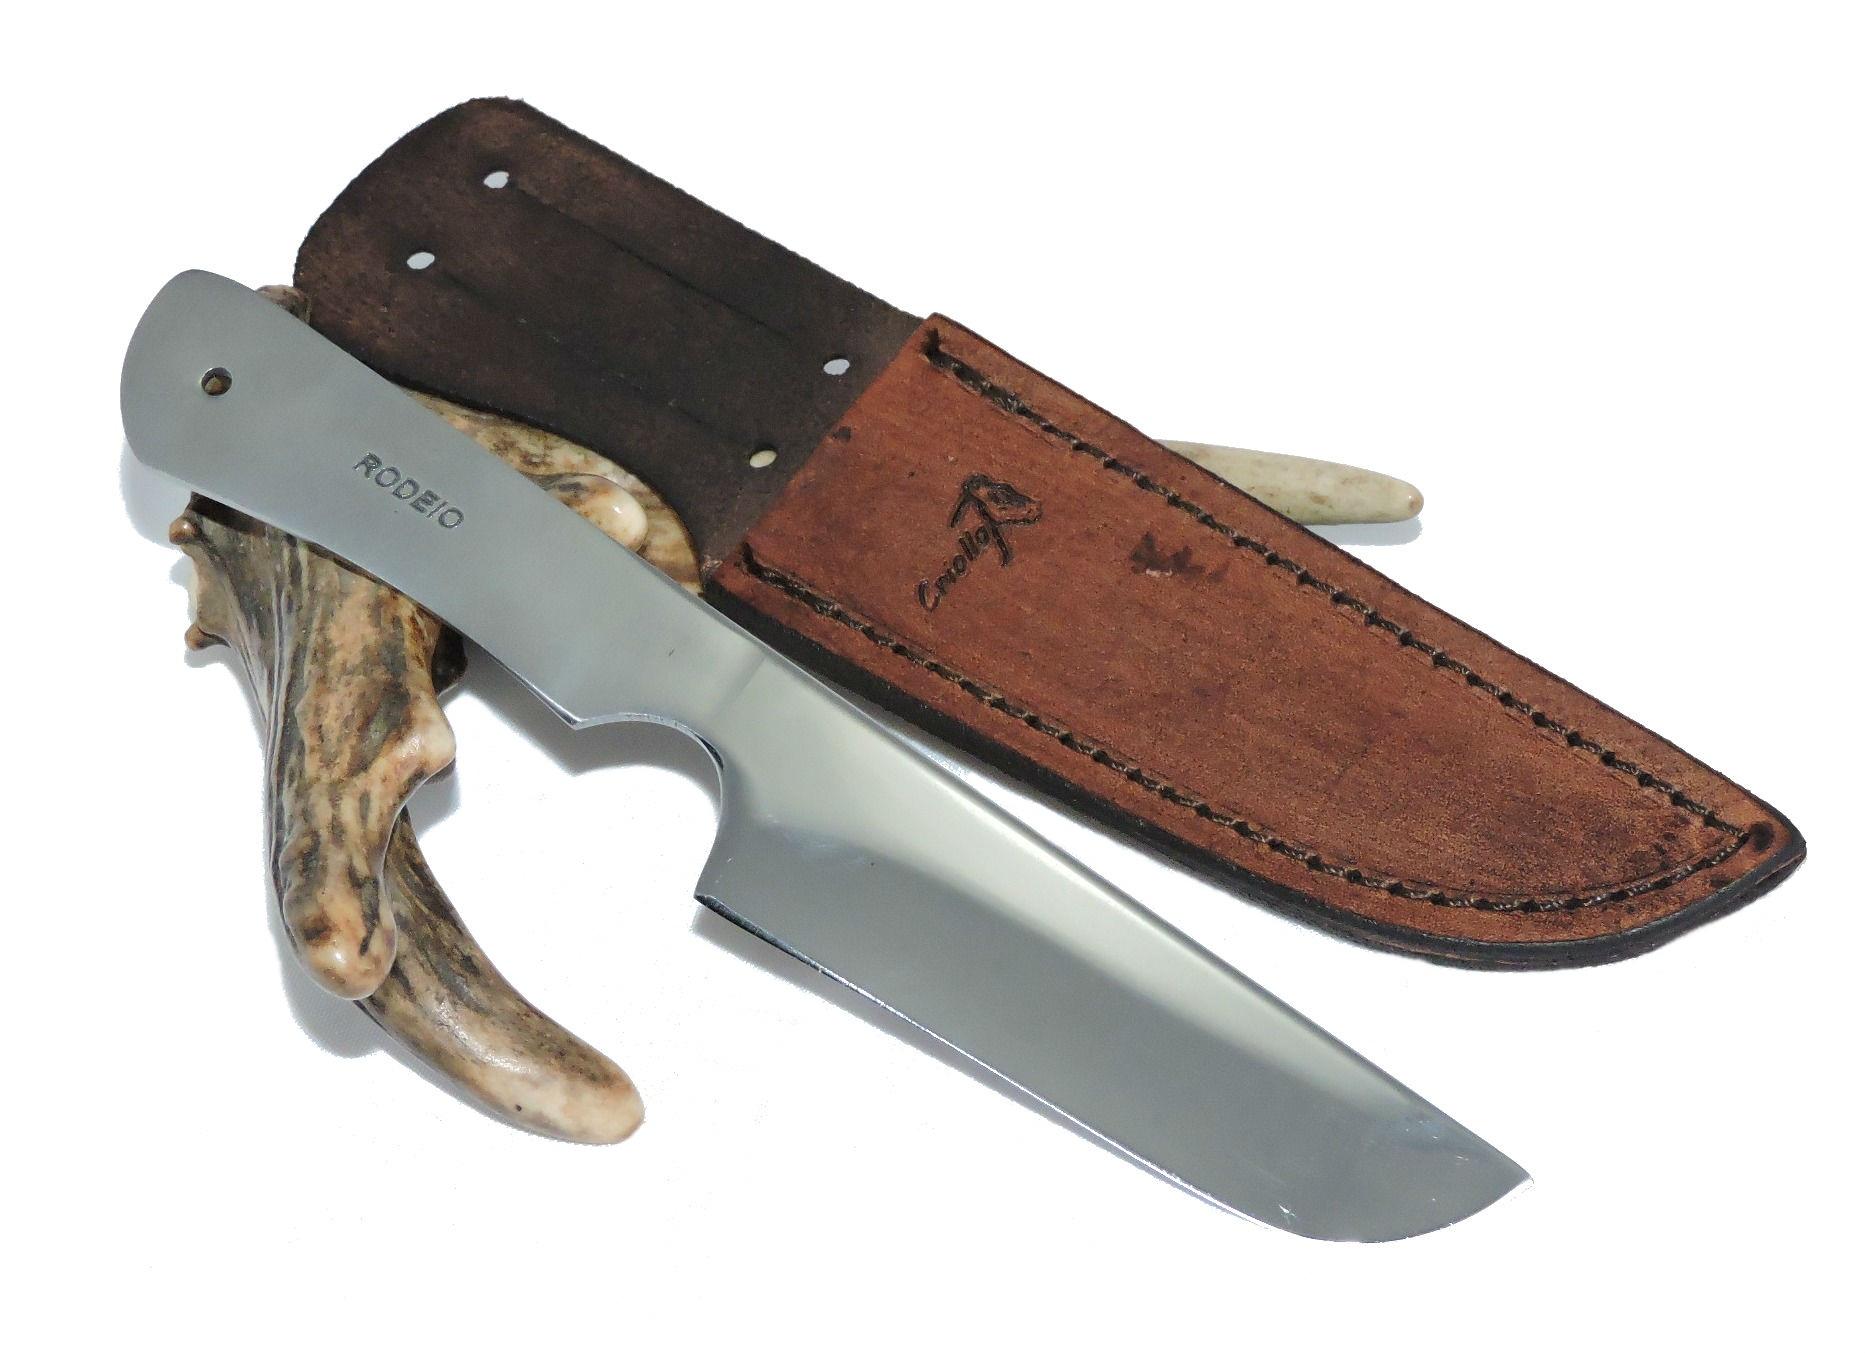 faca-especial-castradeira-p-veterin-rios-ou-bushcraft-4-.jpg